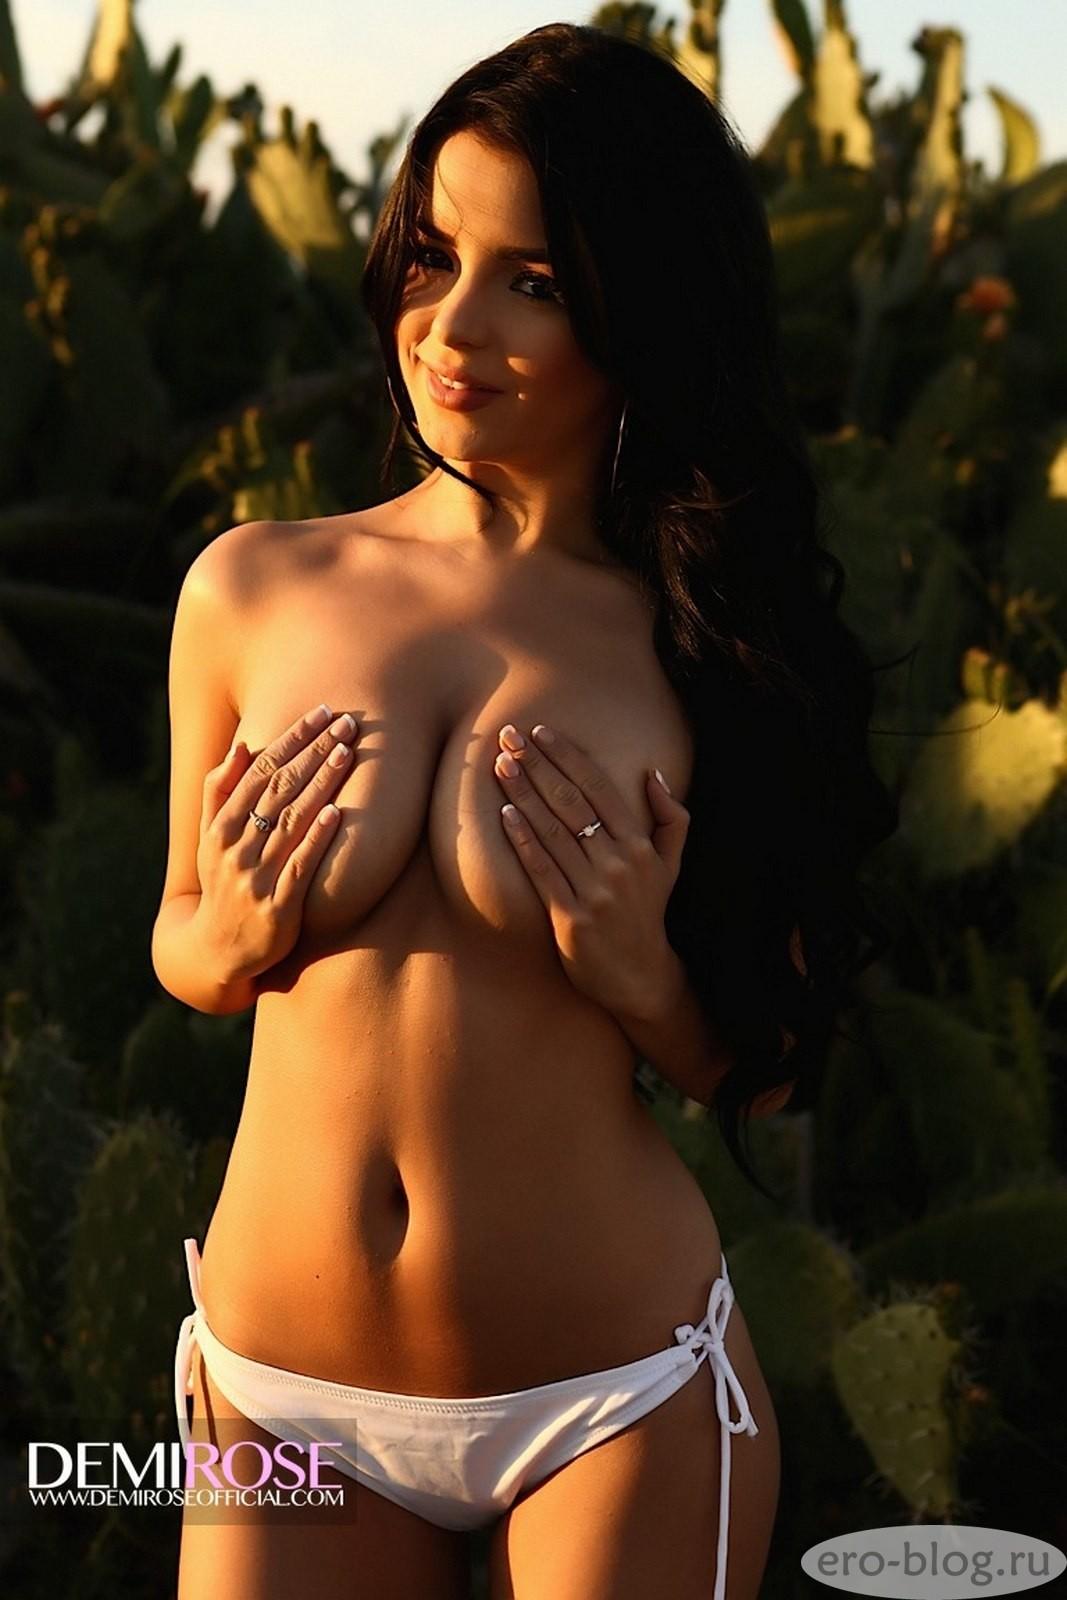 Голая обнаженная Деми Роуз интимные фото звезды